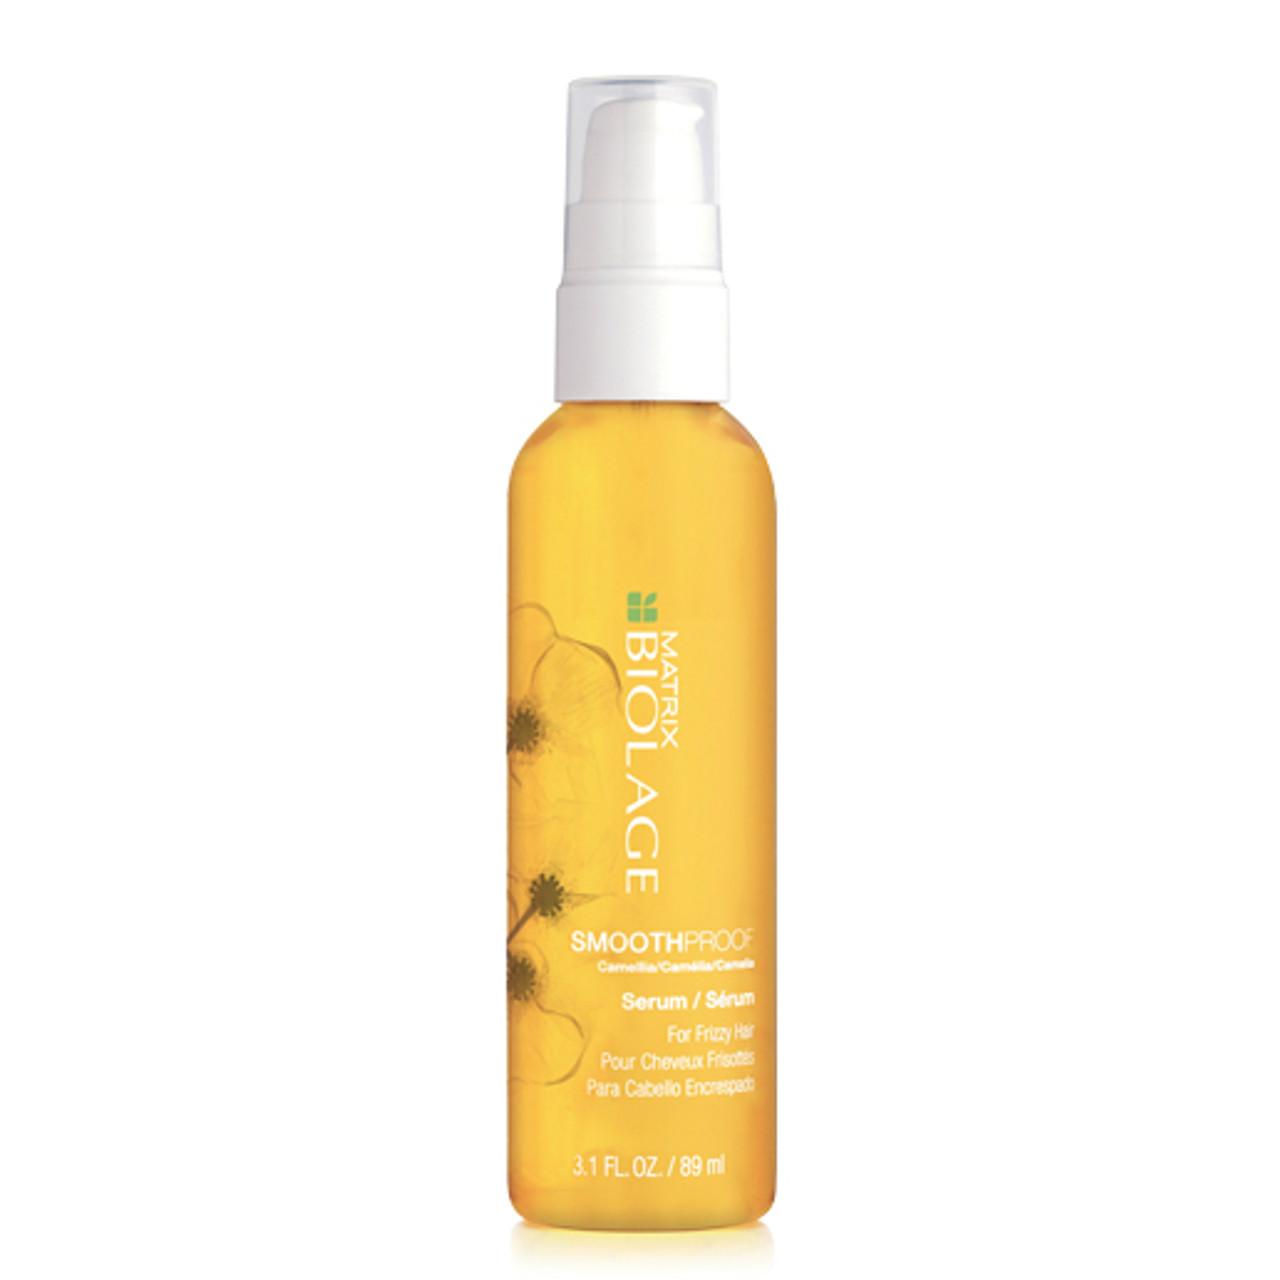 Biolage Smoothproof Hair Serum 3.1 oz